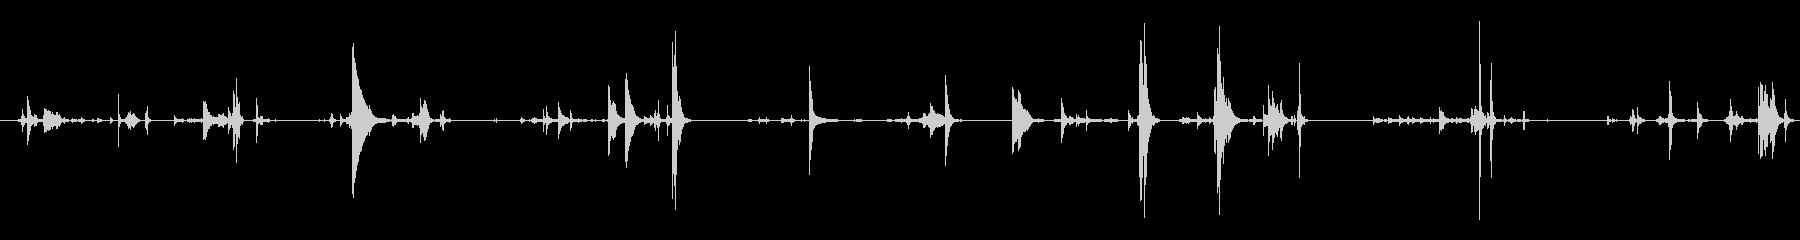 メタル ピースシーケンス06の処理の未再生の波形